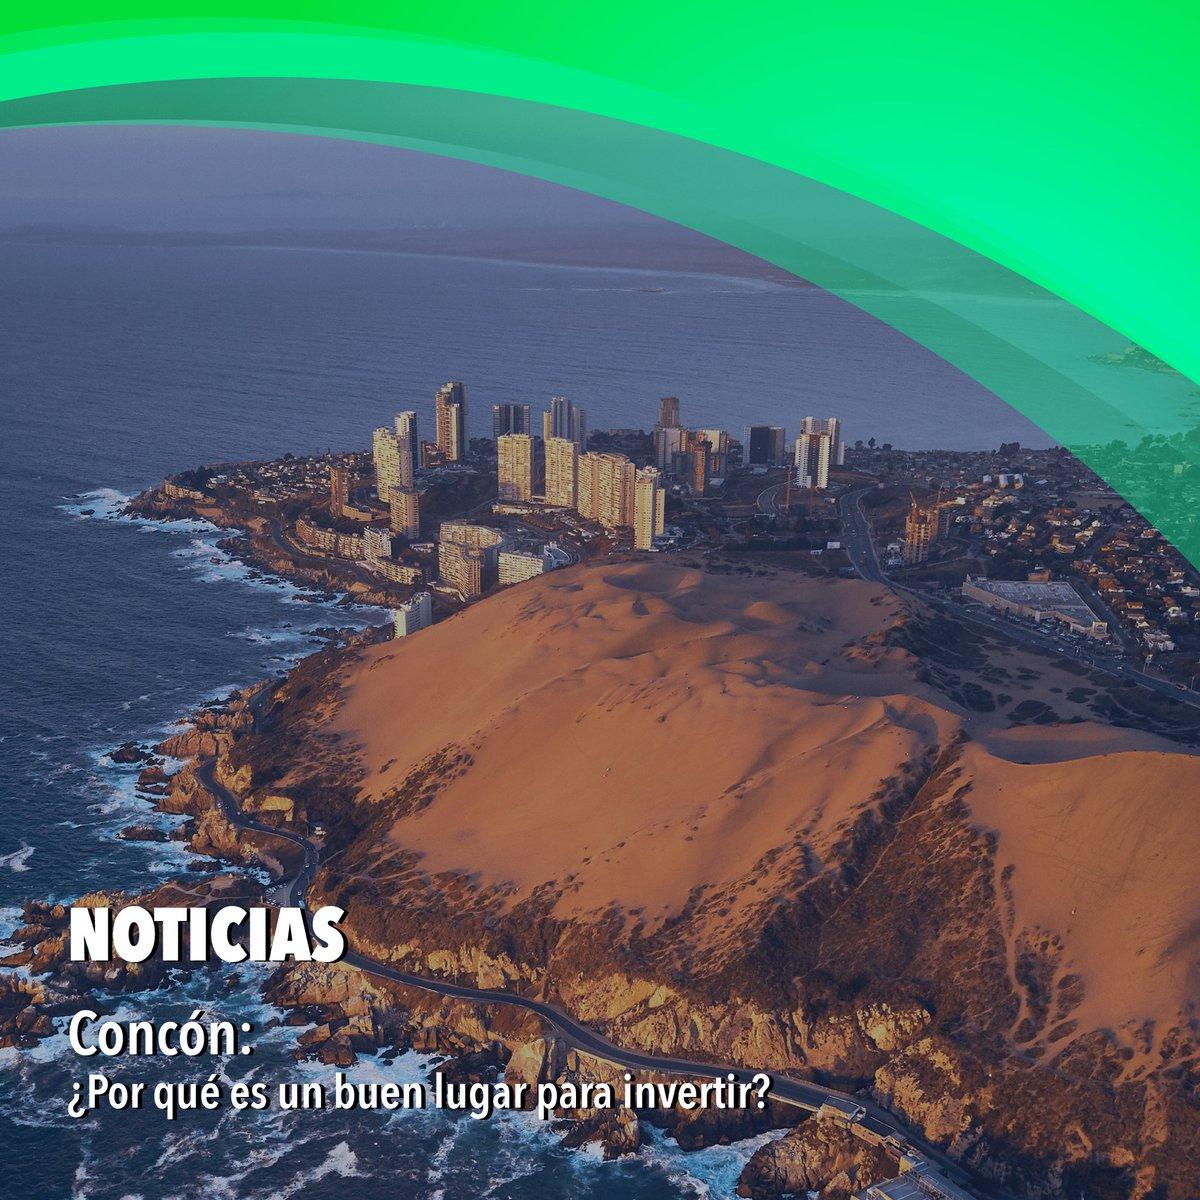 Concón se ha posicionado como una de las comunas con mejor calidad de vida urbana en el país. Revisa la nota completa en el link: https://t.co/TygrRNdm8u  #predomina #inmobiliaria #chile #noticias #concon #bienesraices #inmobiliariachile #economia https://t.co/1dzcJe5Irg